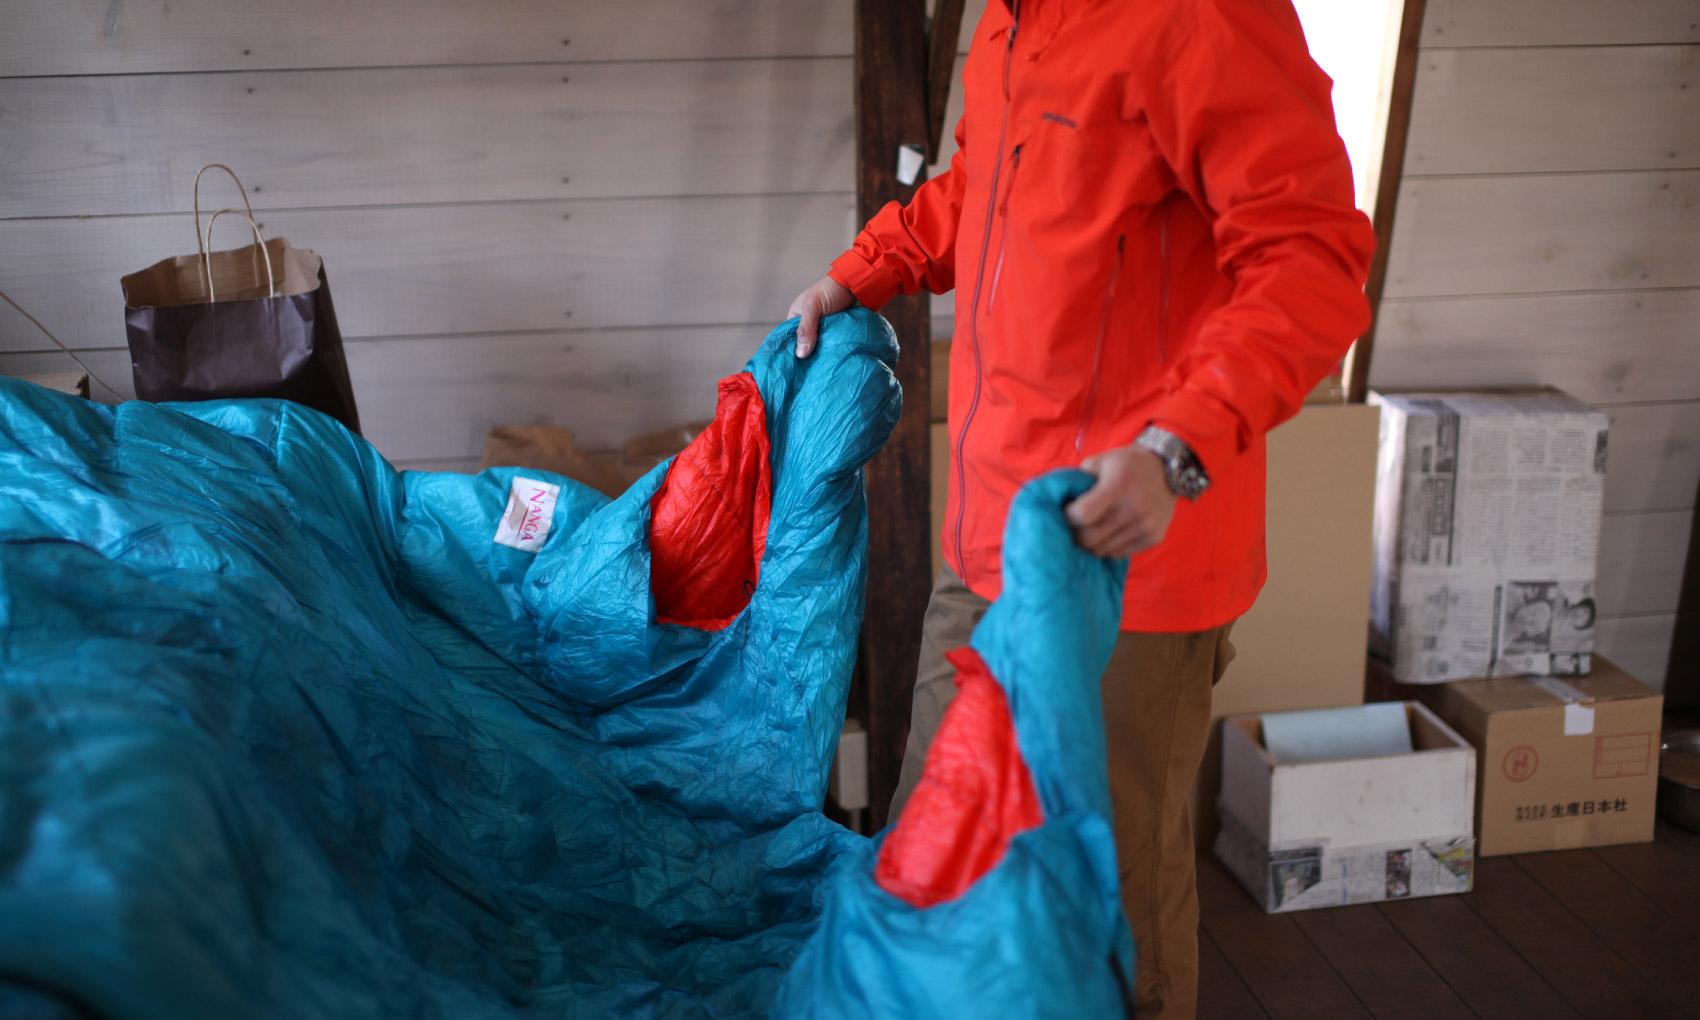 always needs with himself on the Himalaya is a Nanga sleeping bag